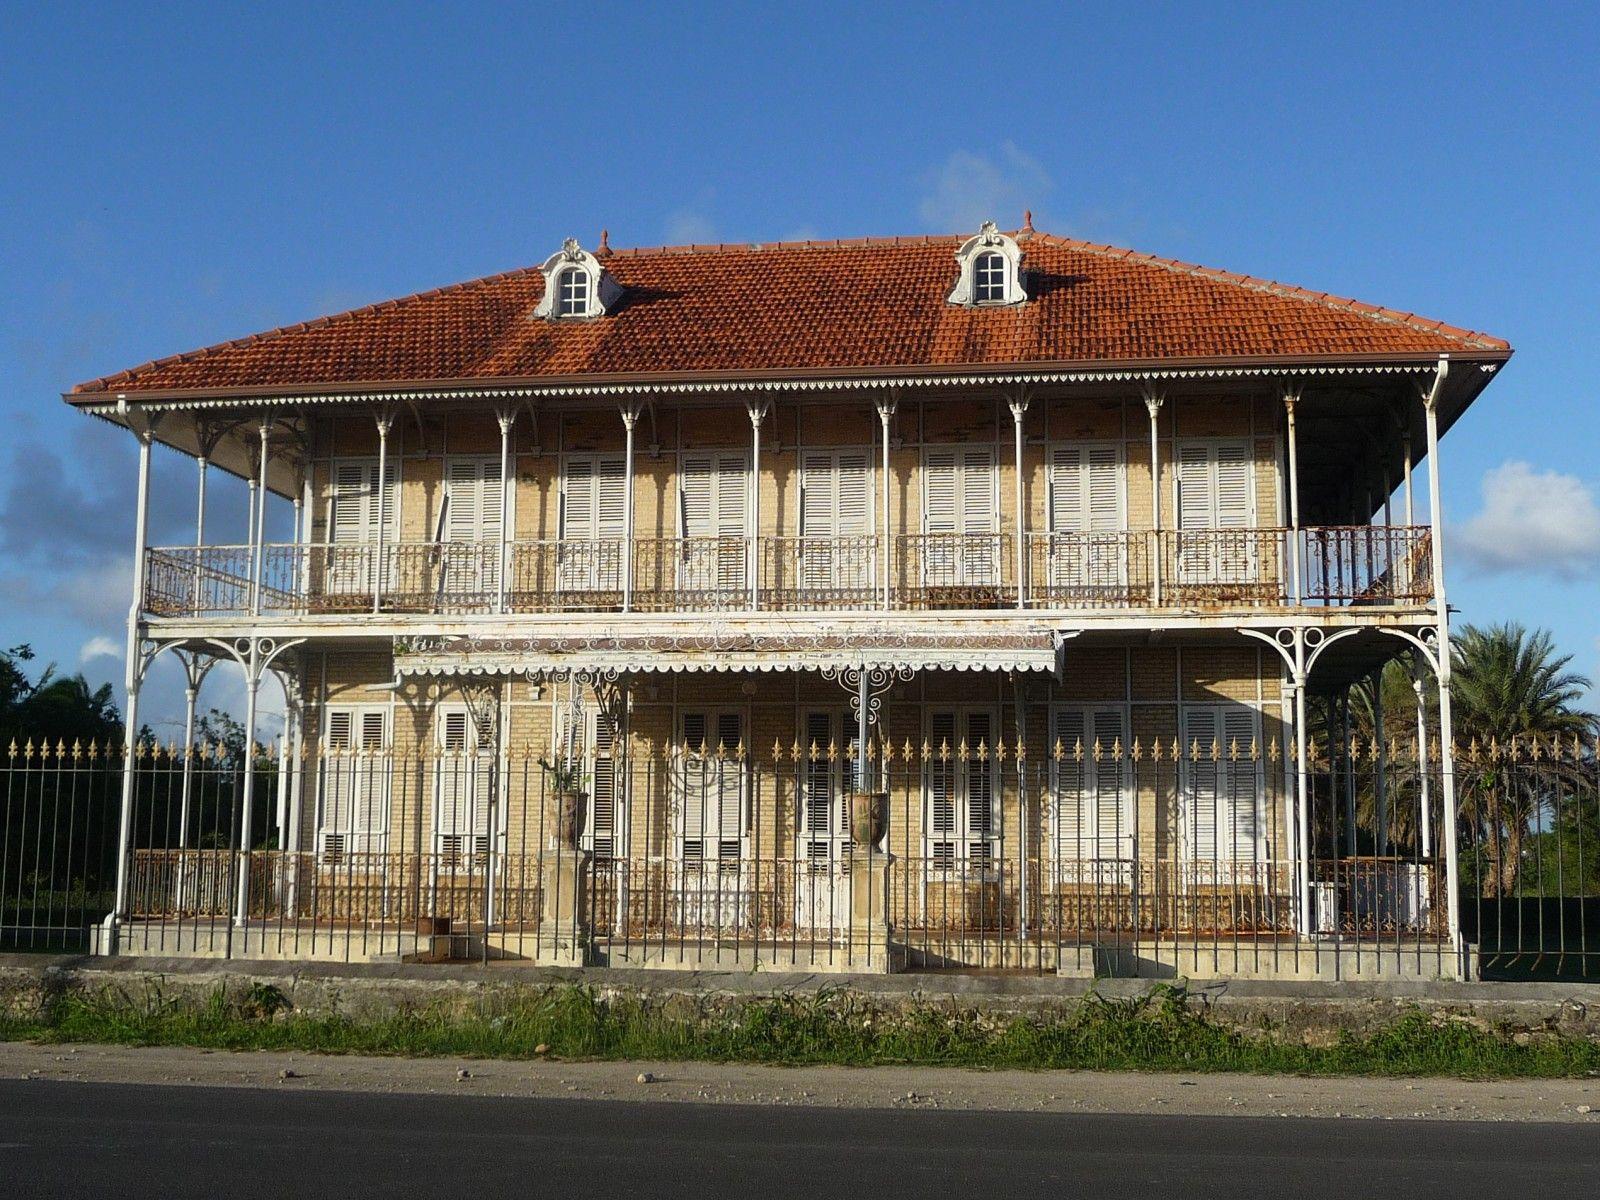 Maison Caloniale - Photos de vacances de Antilles Location #Guadeloupe   Maison coloniale ...